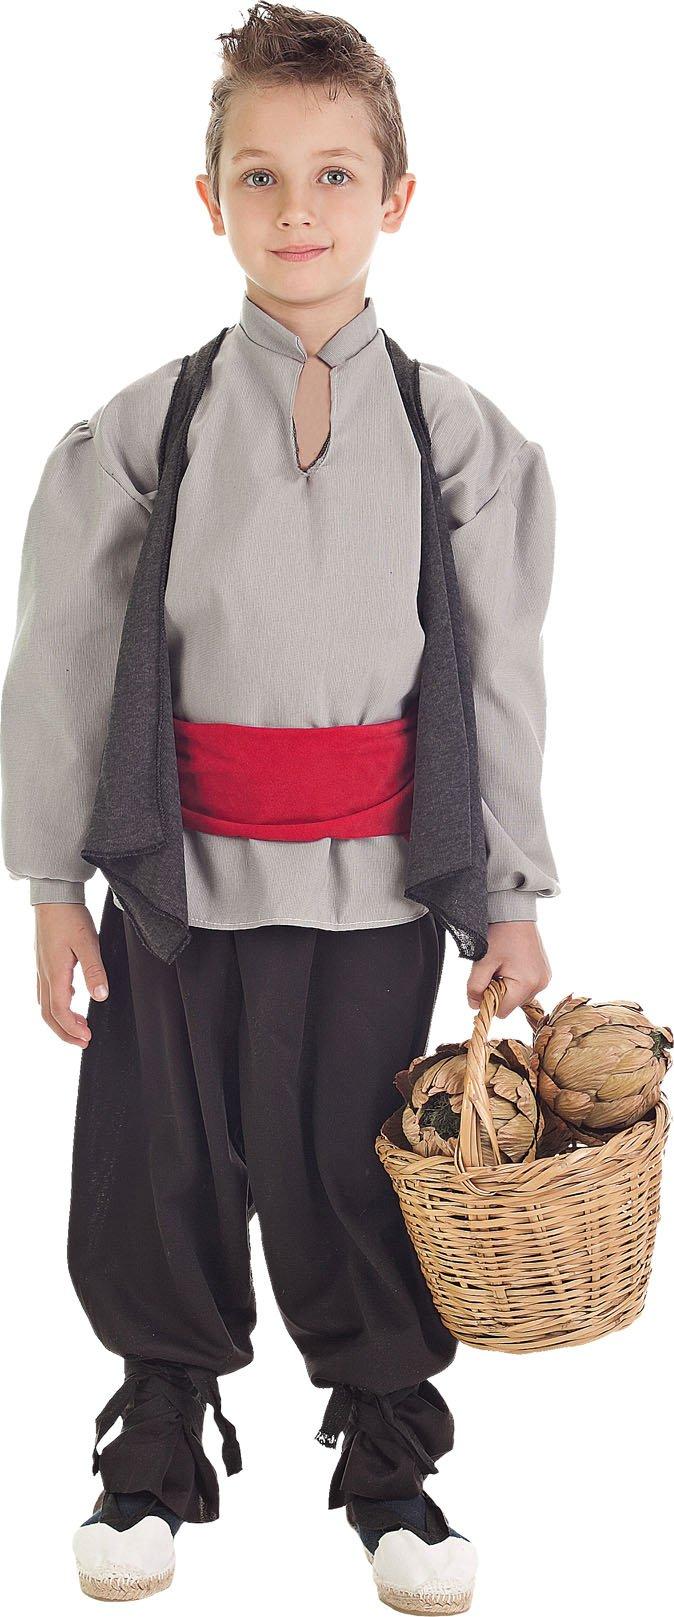 Disfraz de hortelano talla 5 (11-13 años)